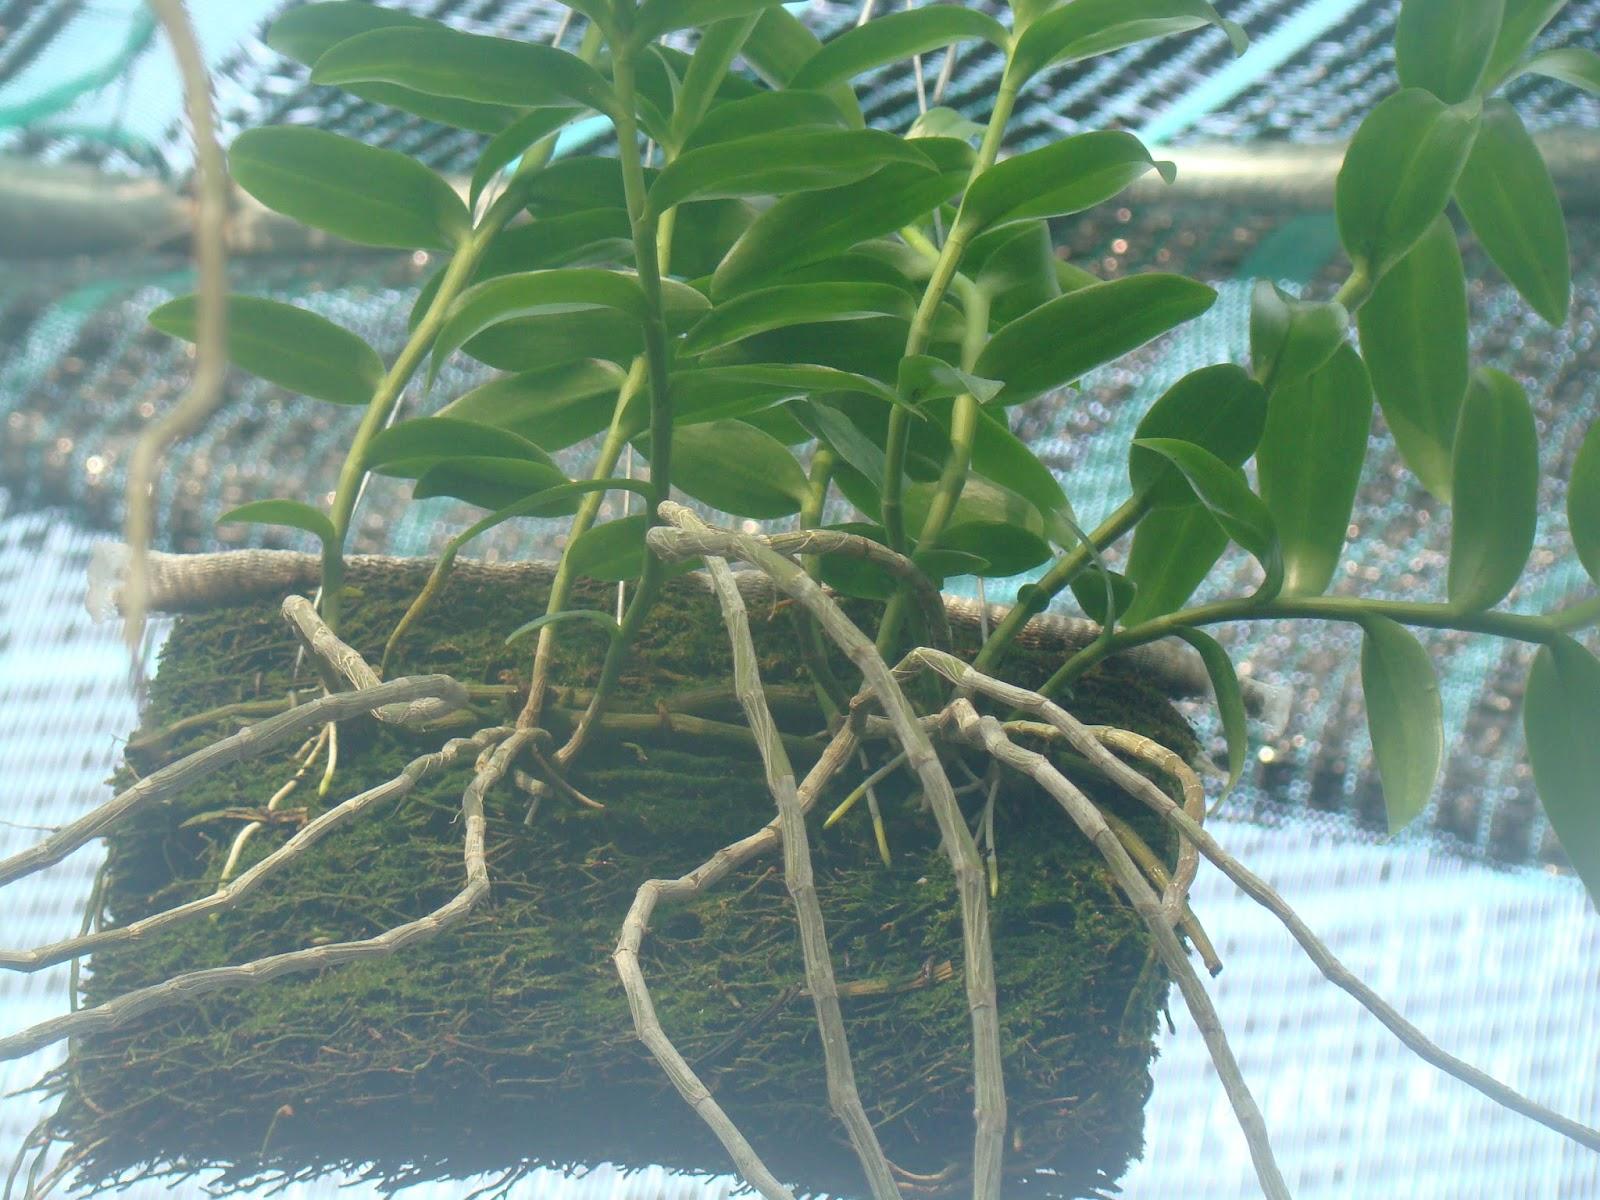 Hiện tại, tại vườn lan của gia đình tôi, tôi cũng đang áp dụng lưới che năng với tỷ lệ 40/ 60 để trồng Giả Hạc và Trầm Tím.